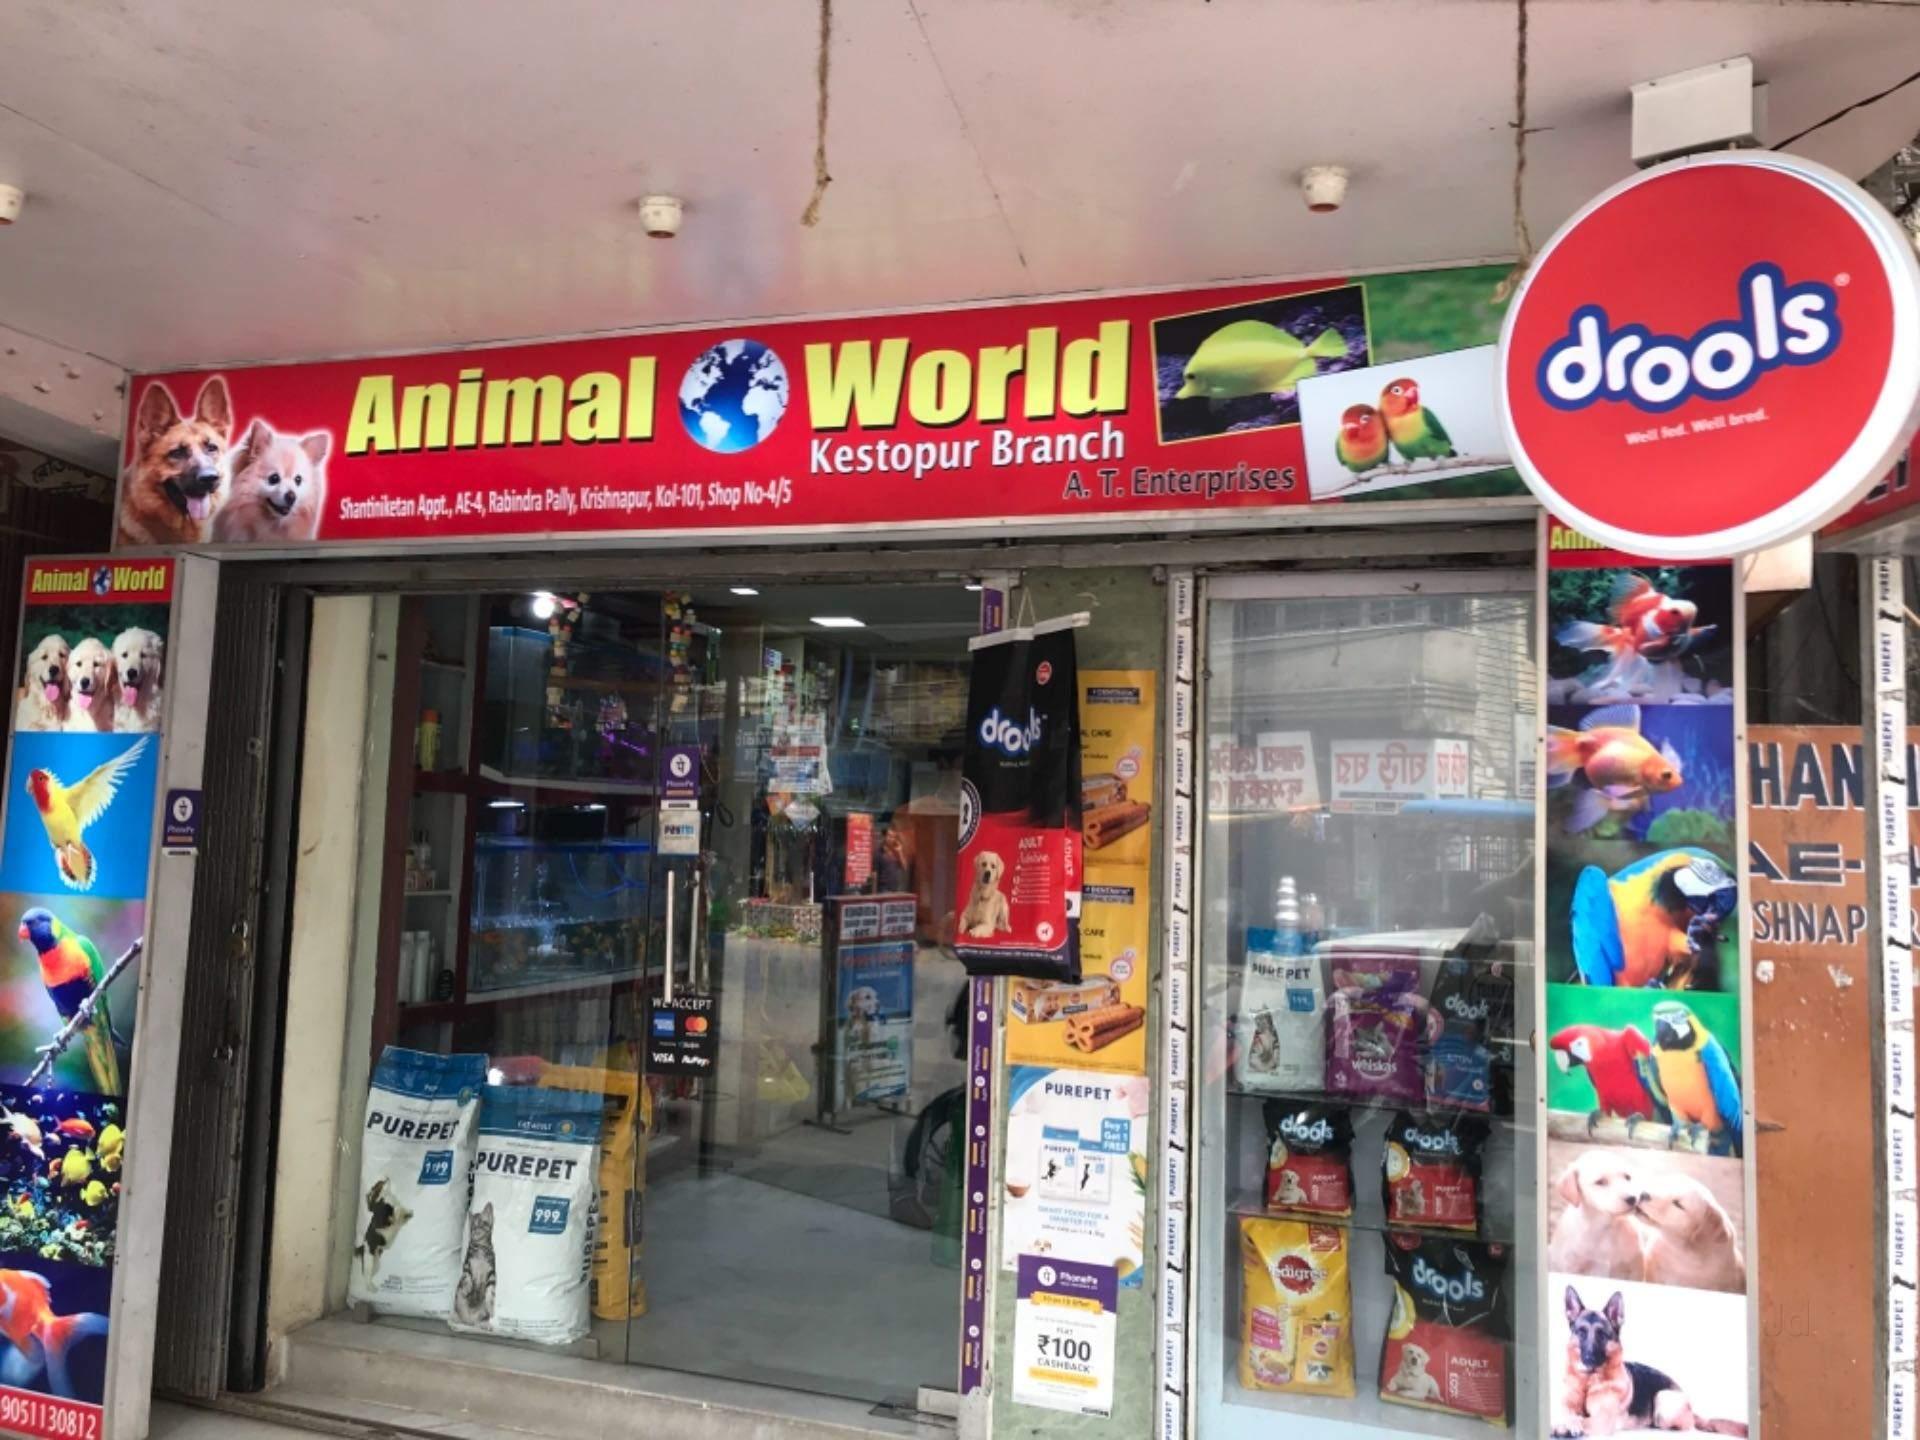 Piu Poppy Dum Dum Pet Shops In Kolkata Justdial